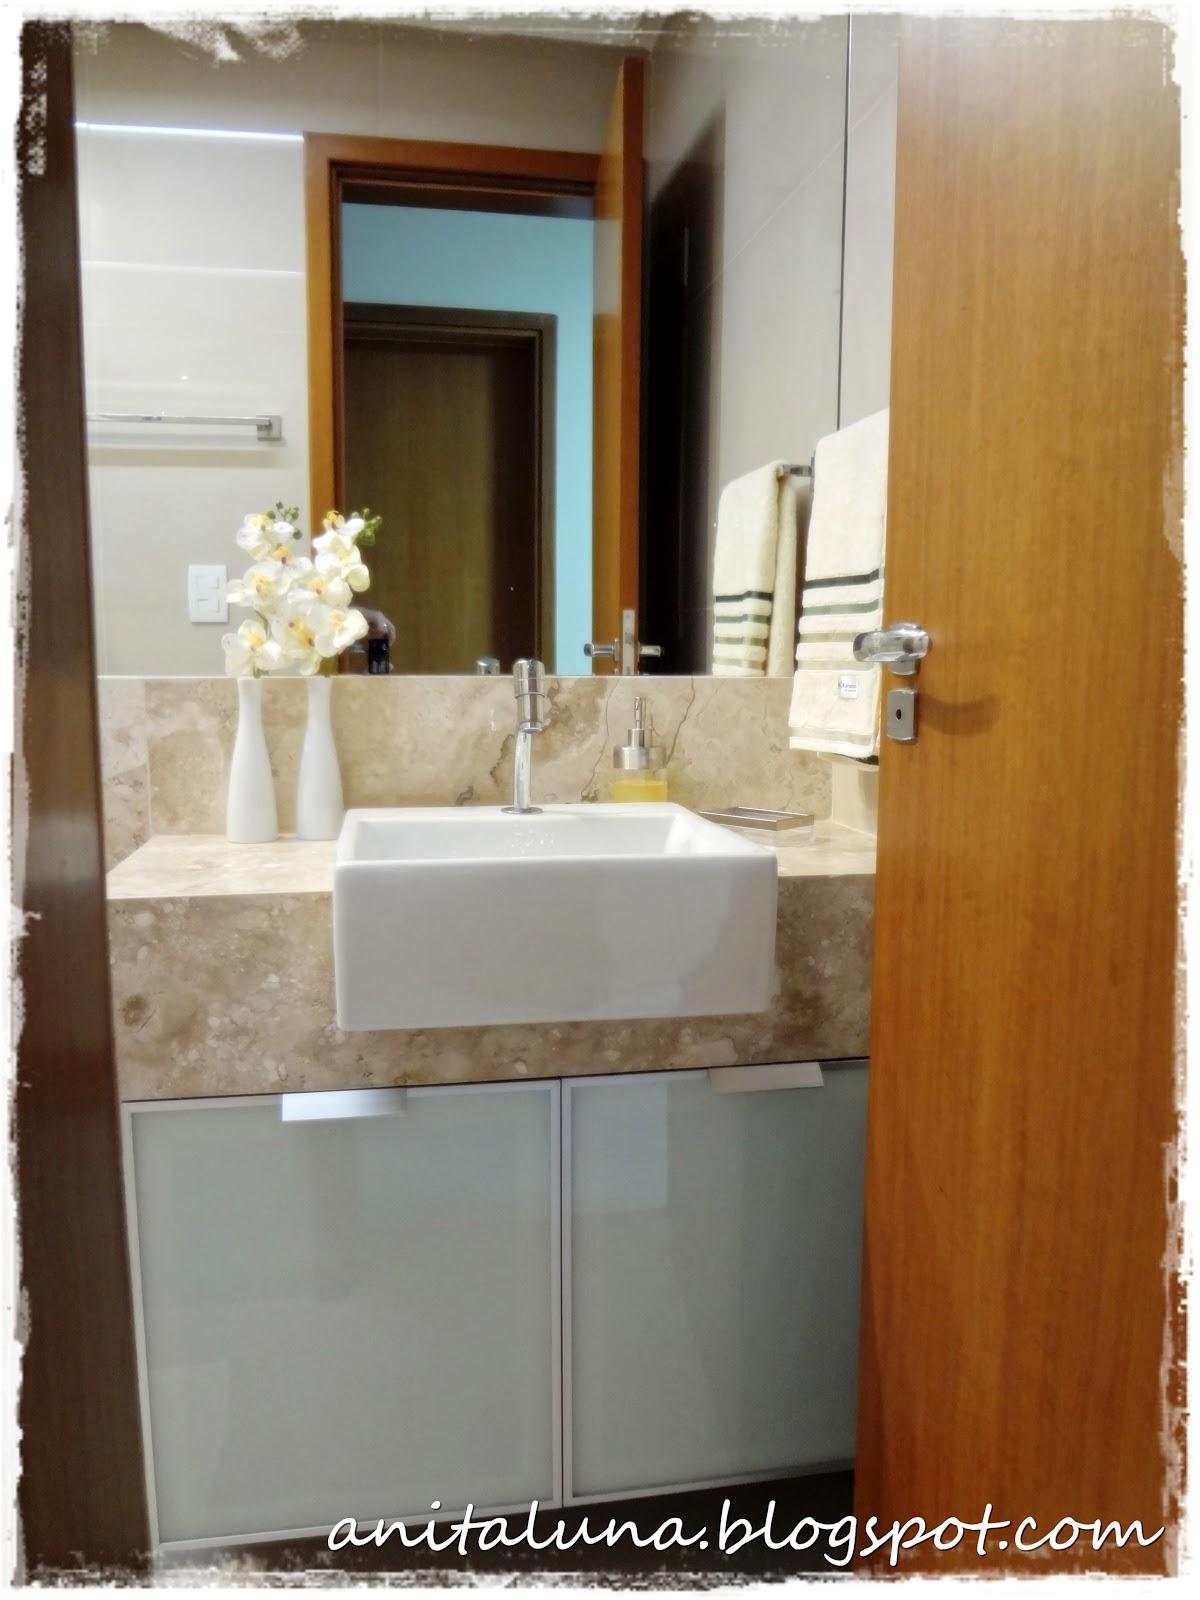 Cuba semi encaixe branca e armário com porta de vidro #794317 1200 1600